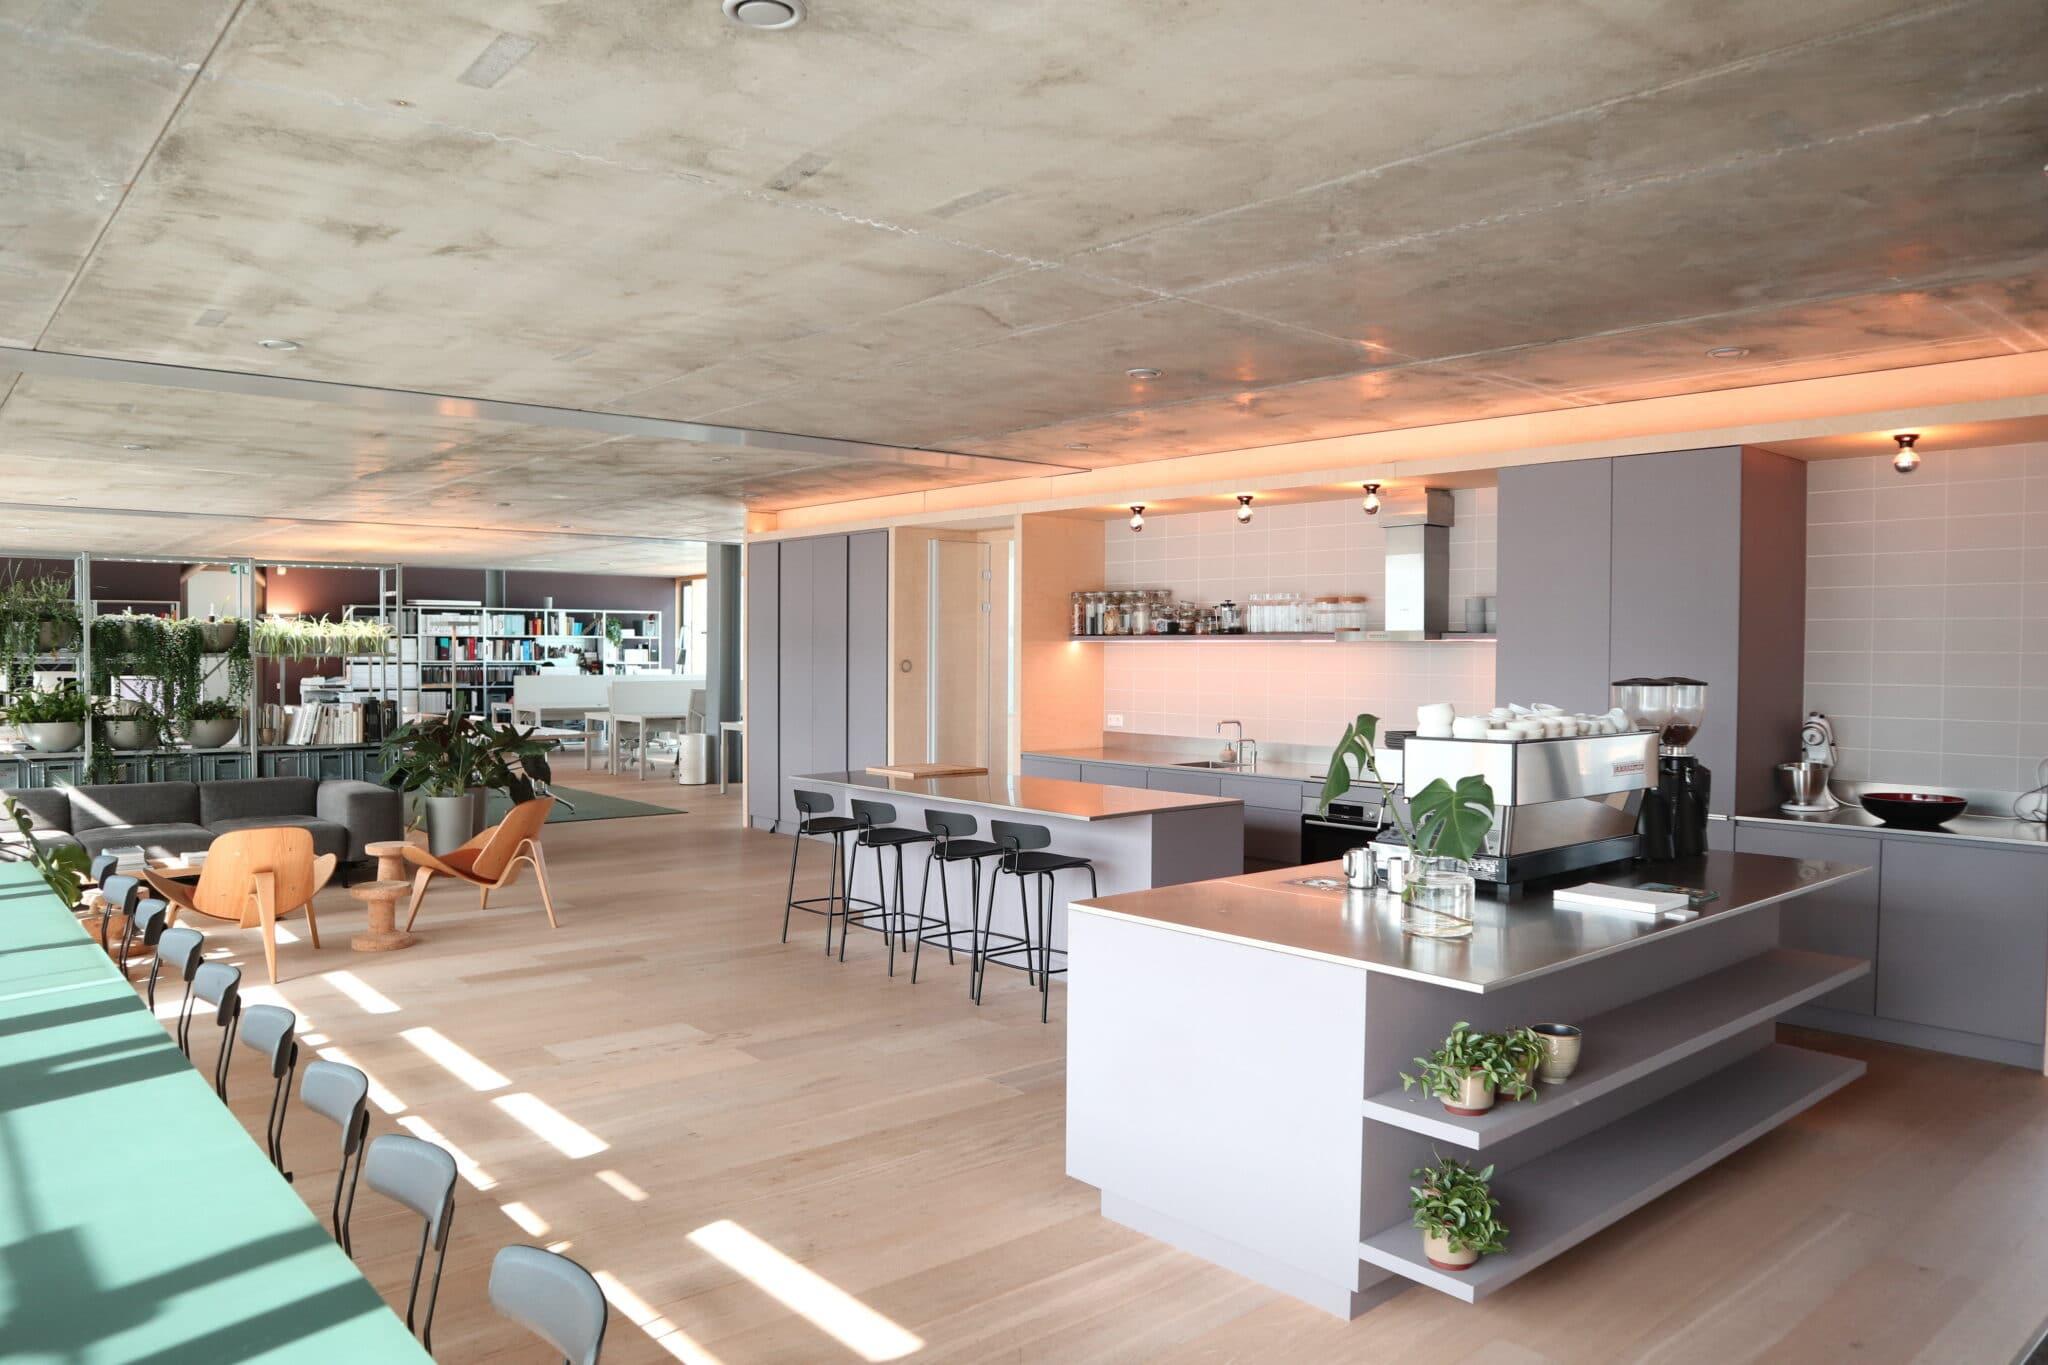 studio_shared kitchen